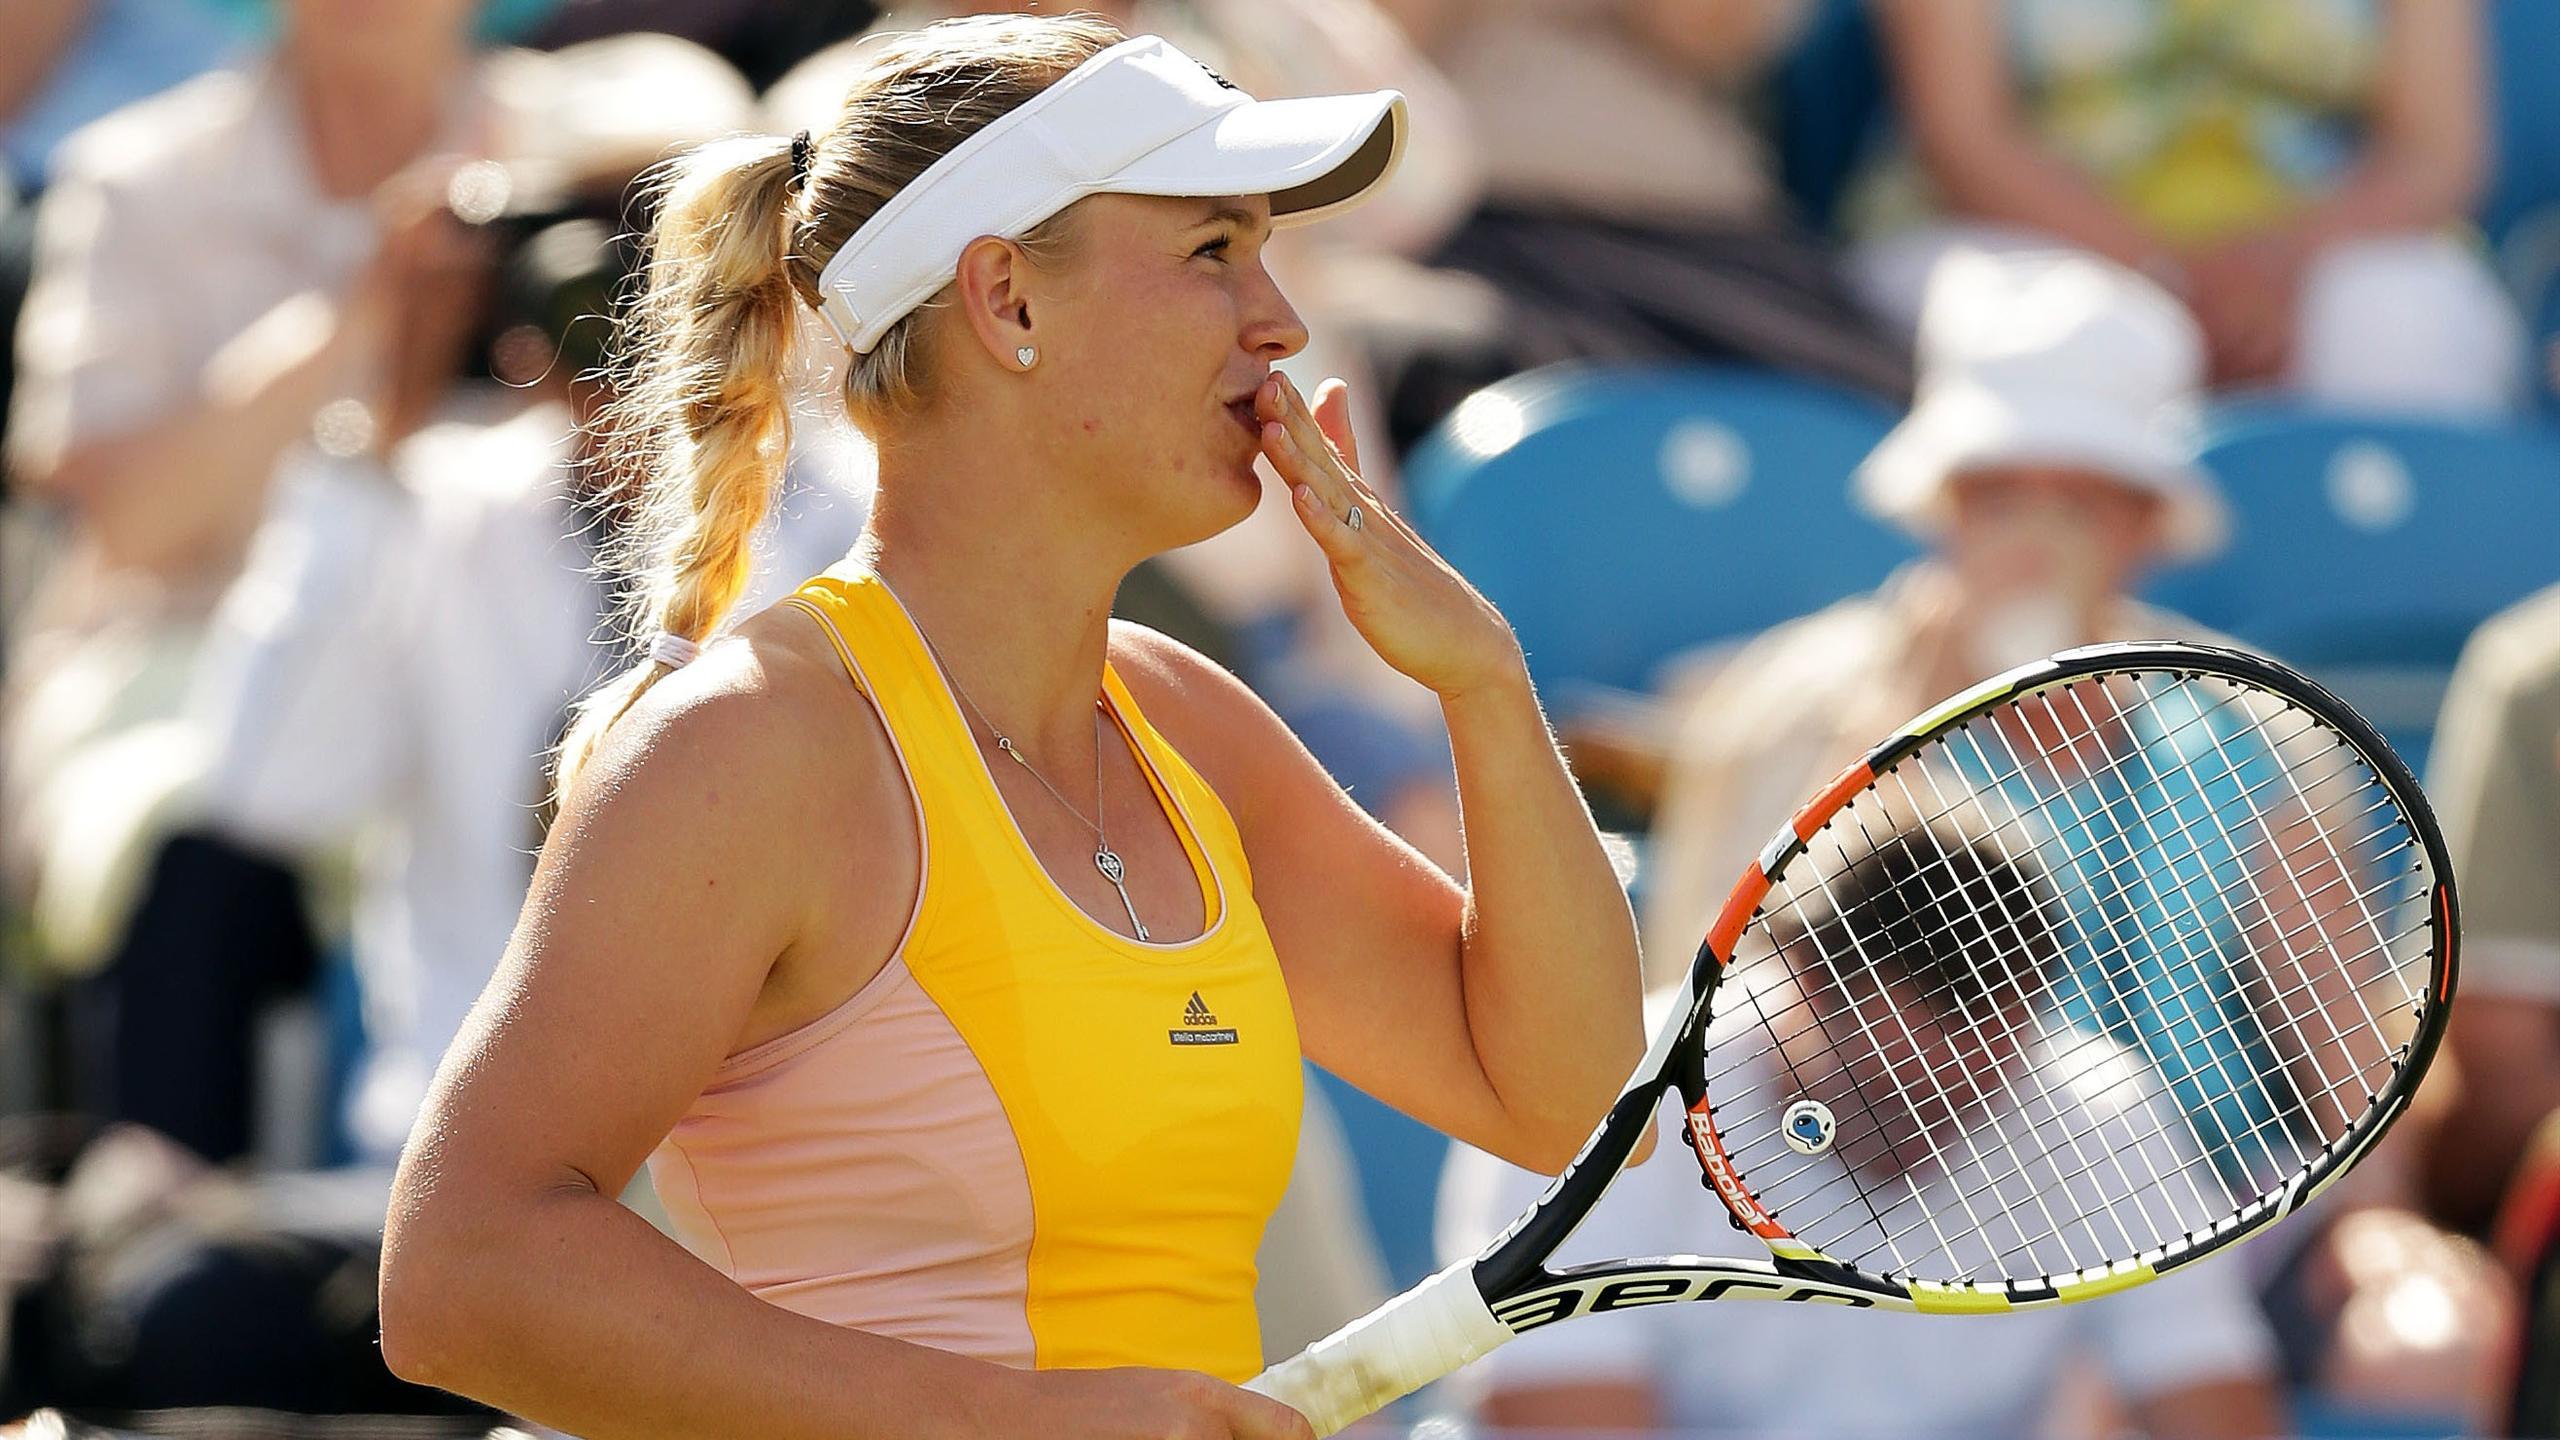 Denmark's Caroline Wozniacki celebrates winning her quarter final match